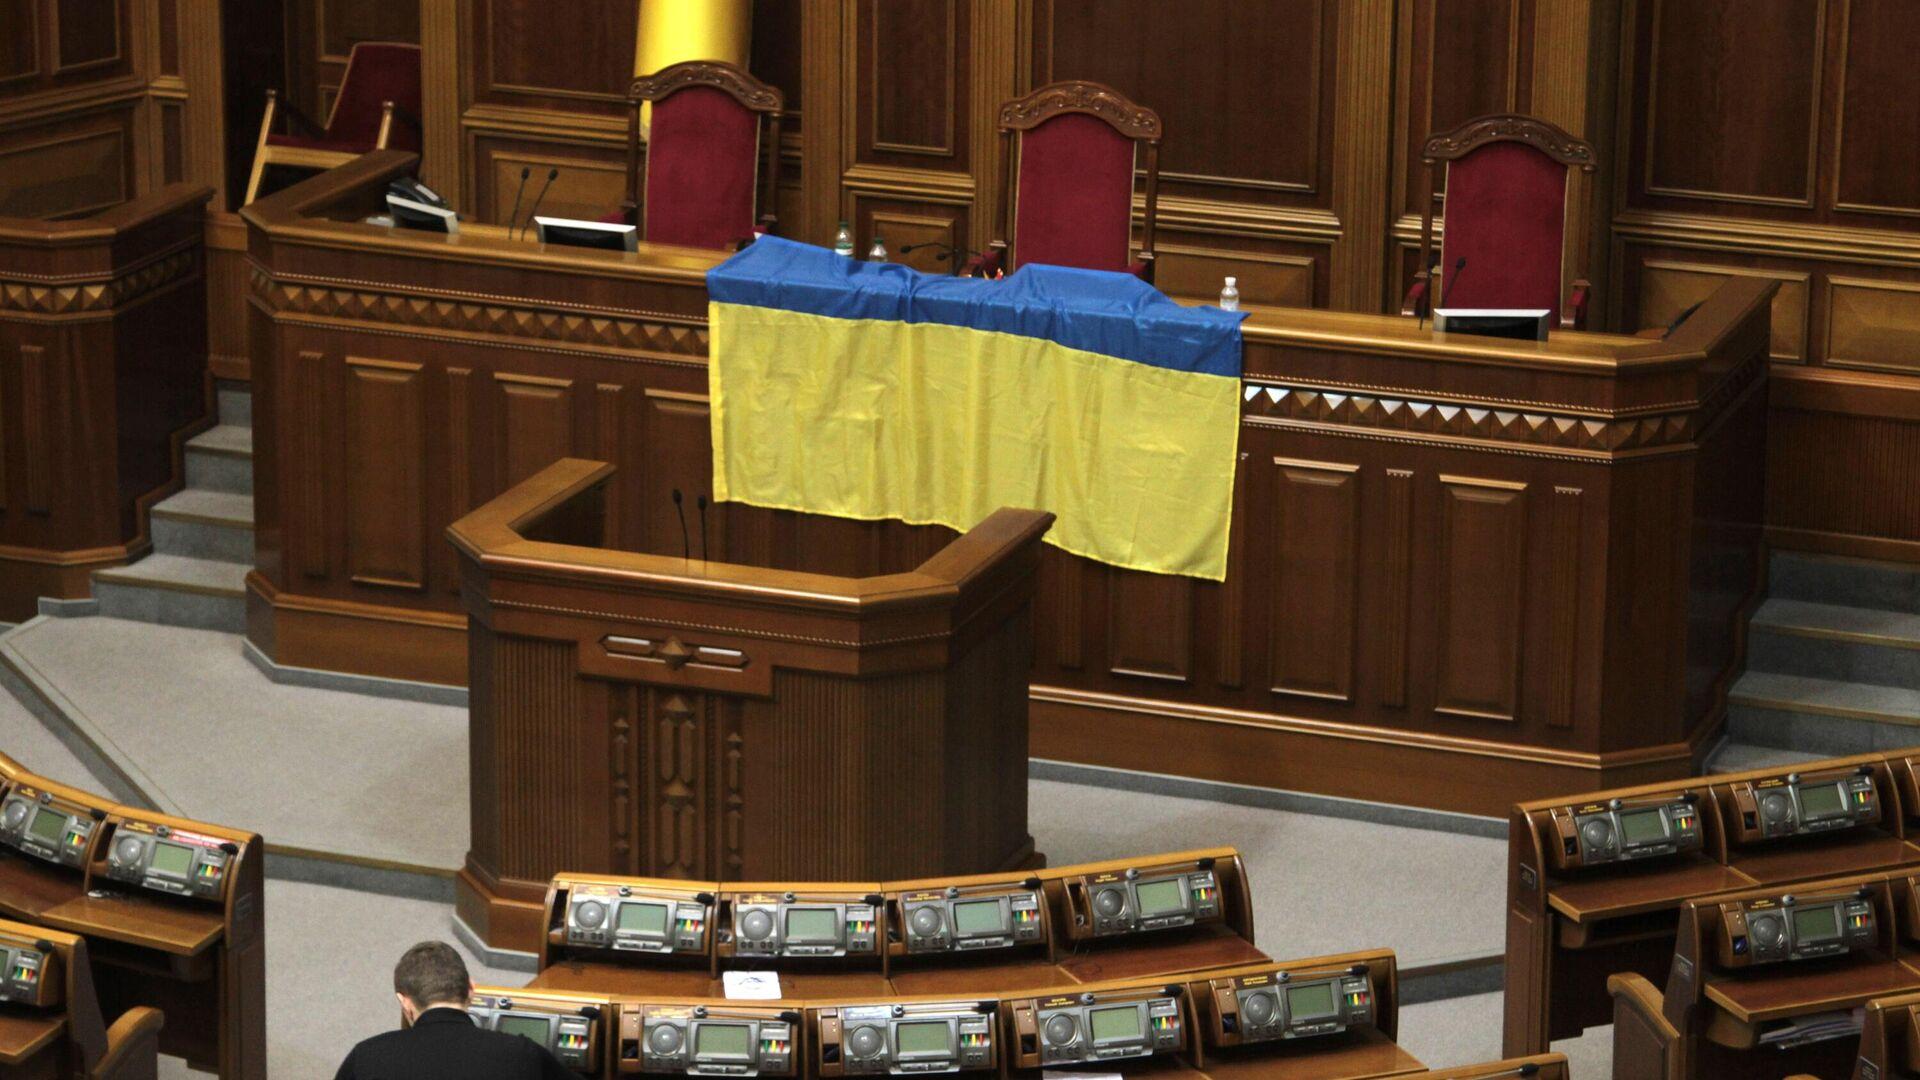 Верховная Рада Украины заблокирована оппозицией - РИА Новости, 1920, 11.10.2021